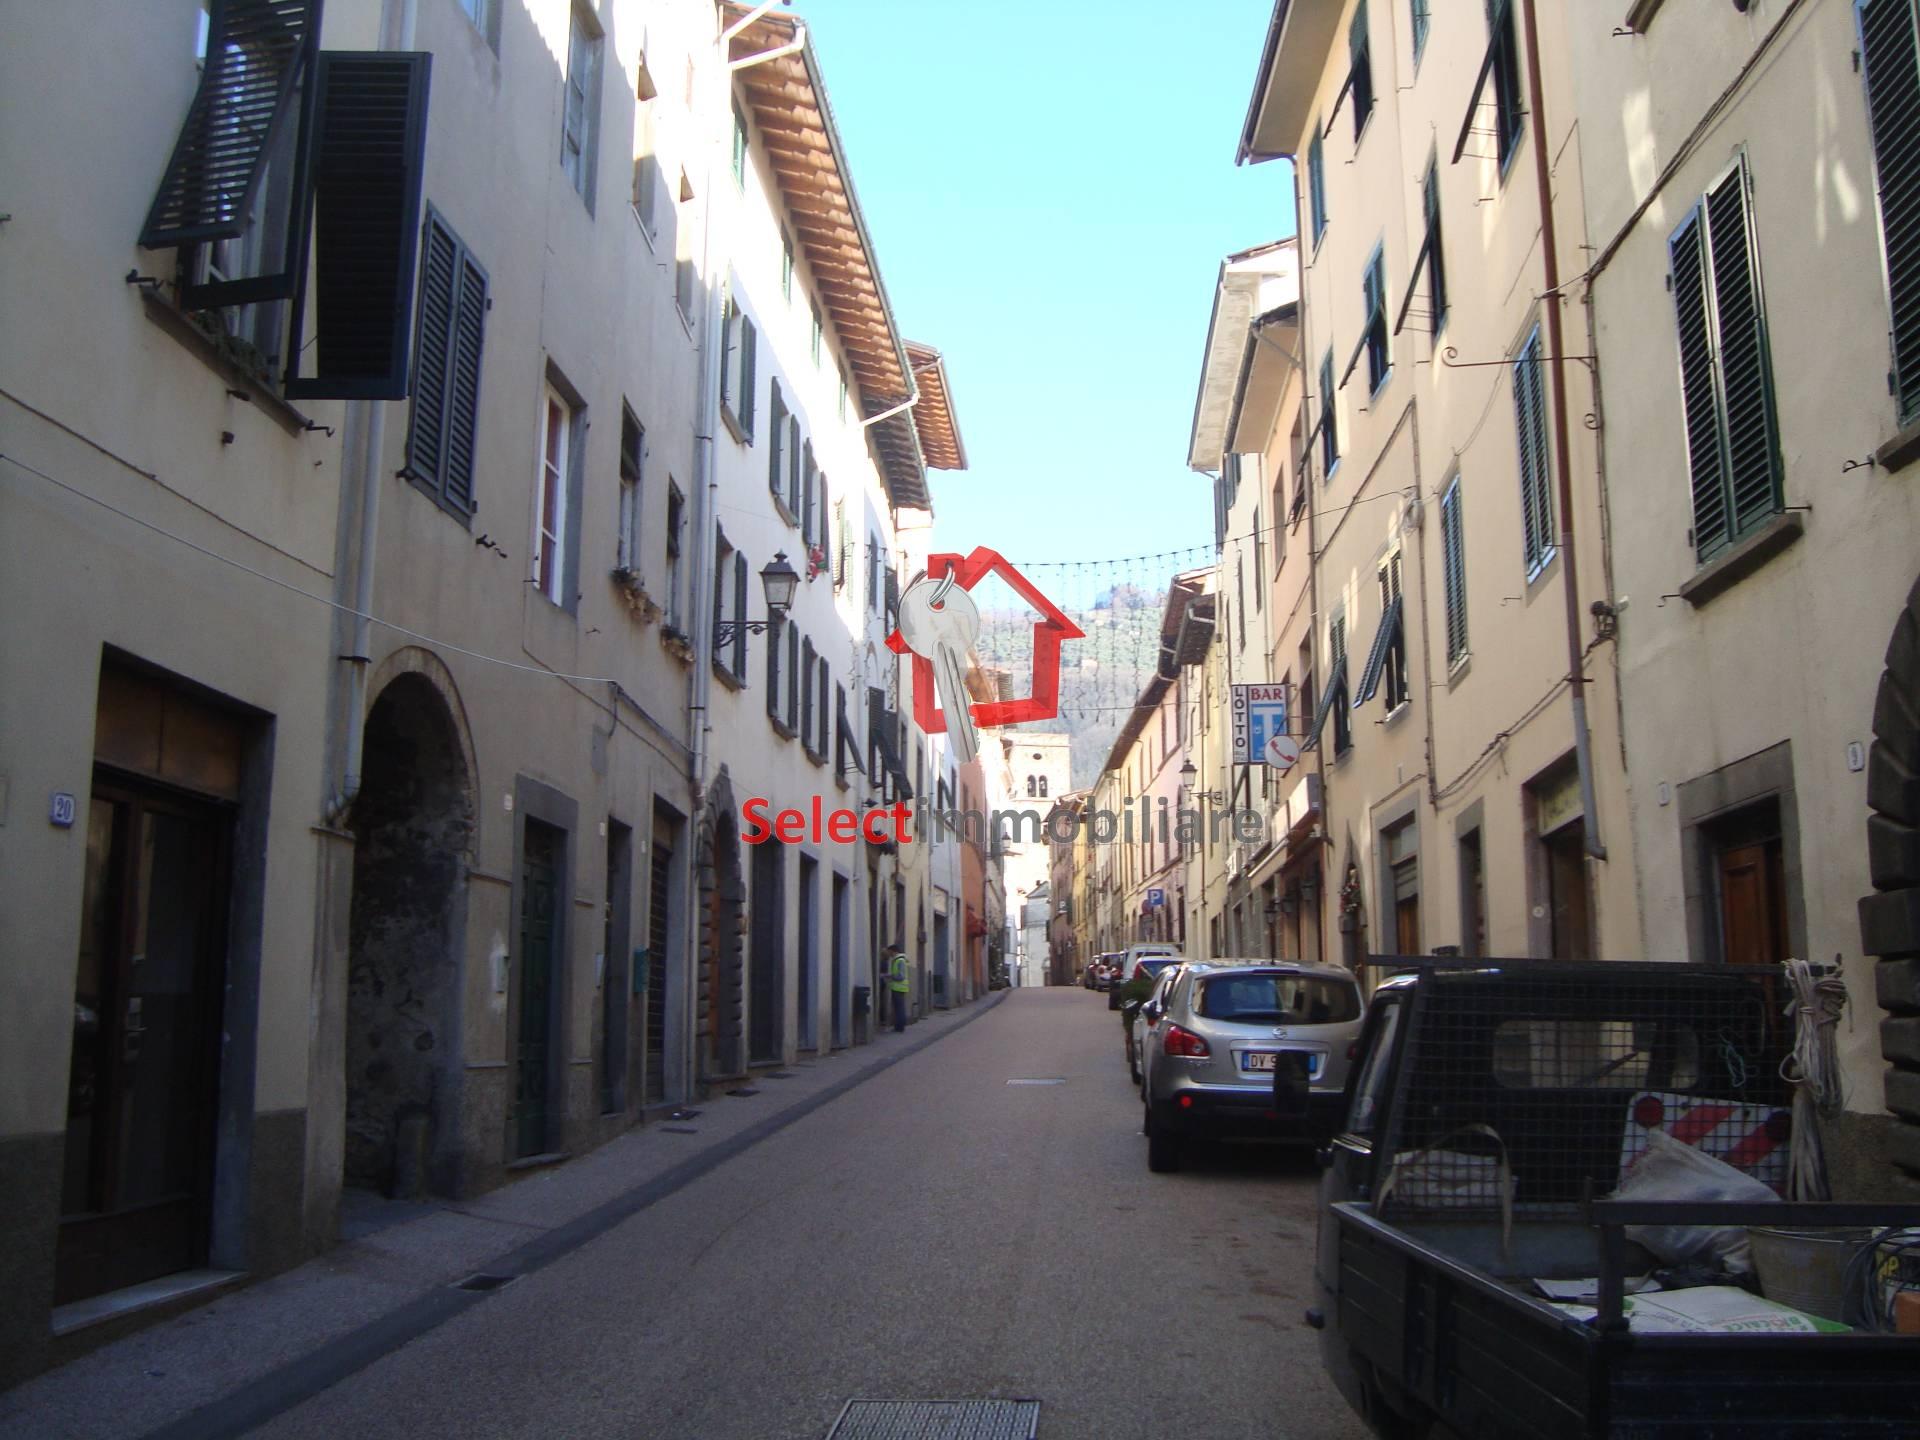 Appartamento in vendita a Borgo a Mozzano, 7 locali, zona Località: capoluogo, prezzo € 160.000 | Cambio Casa.it